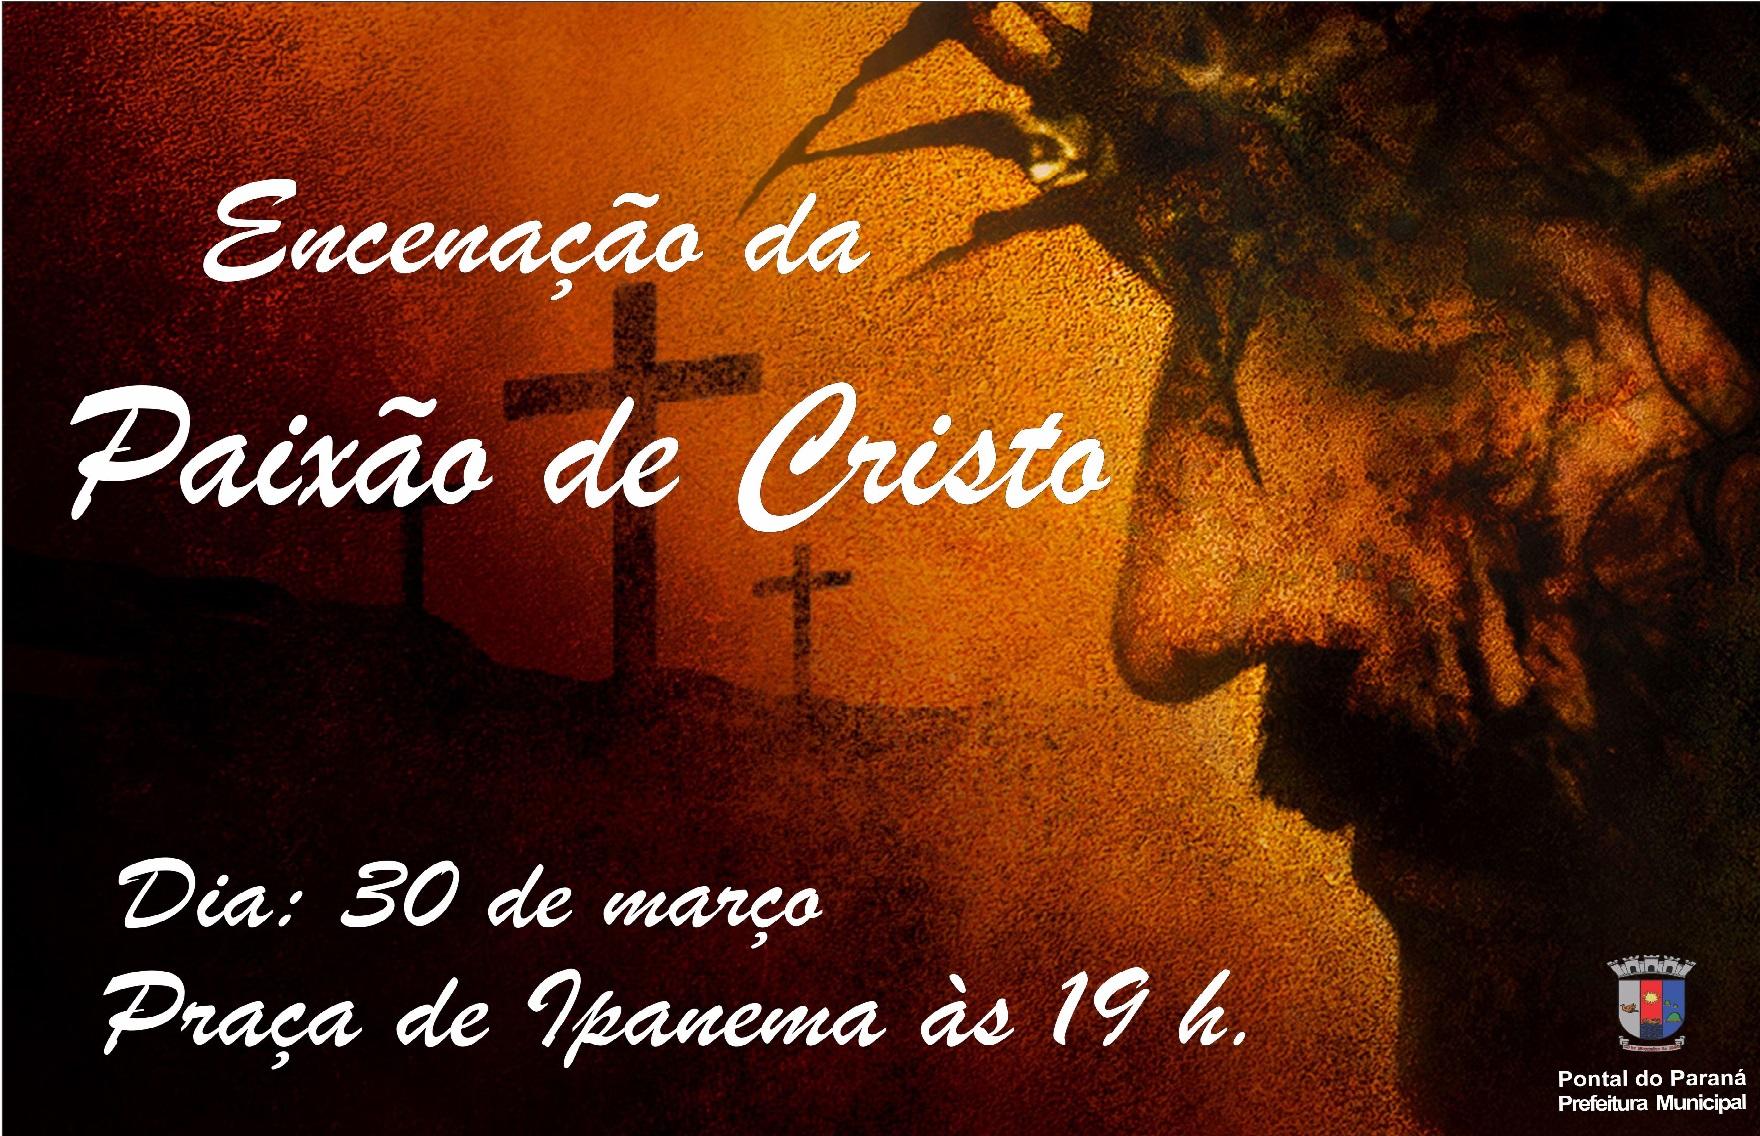 Cartaz Paixão de Cristo.jpg